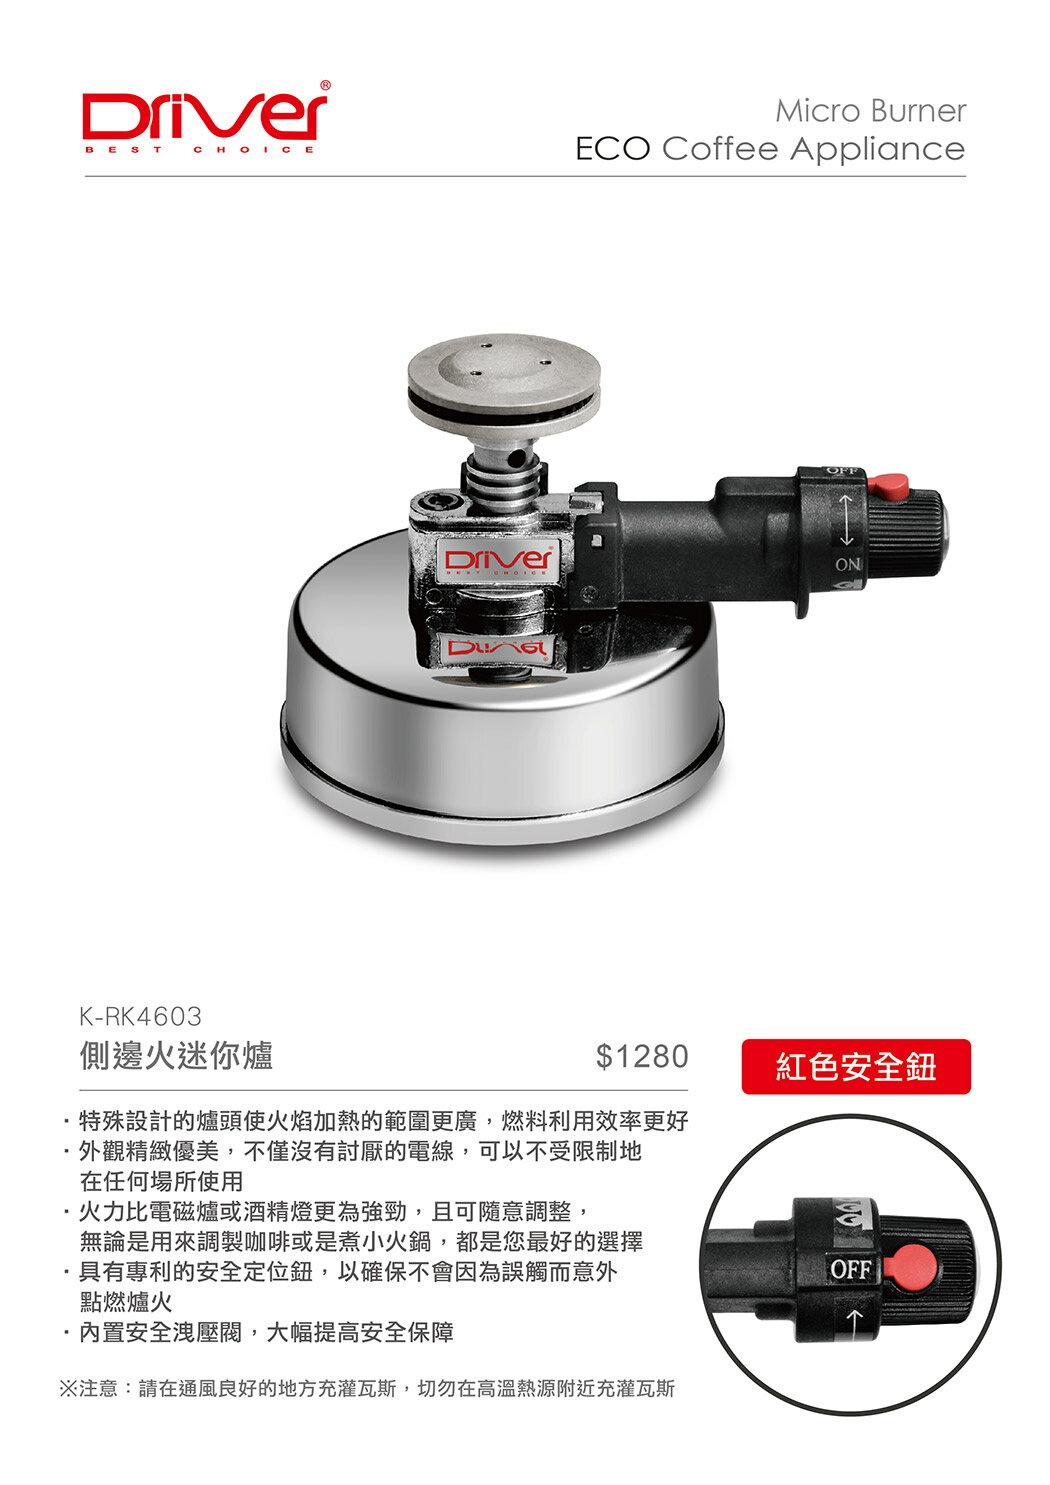 【贈充氣座】Driver 側邊火迷你爐/瓦斯爐/露營/登山爐/摩卡壺.虹吸壺可用